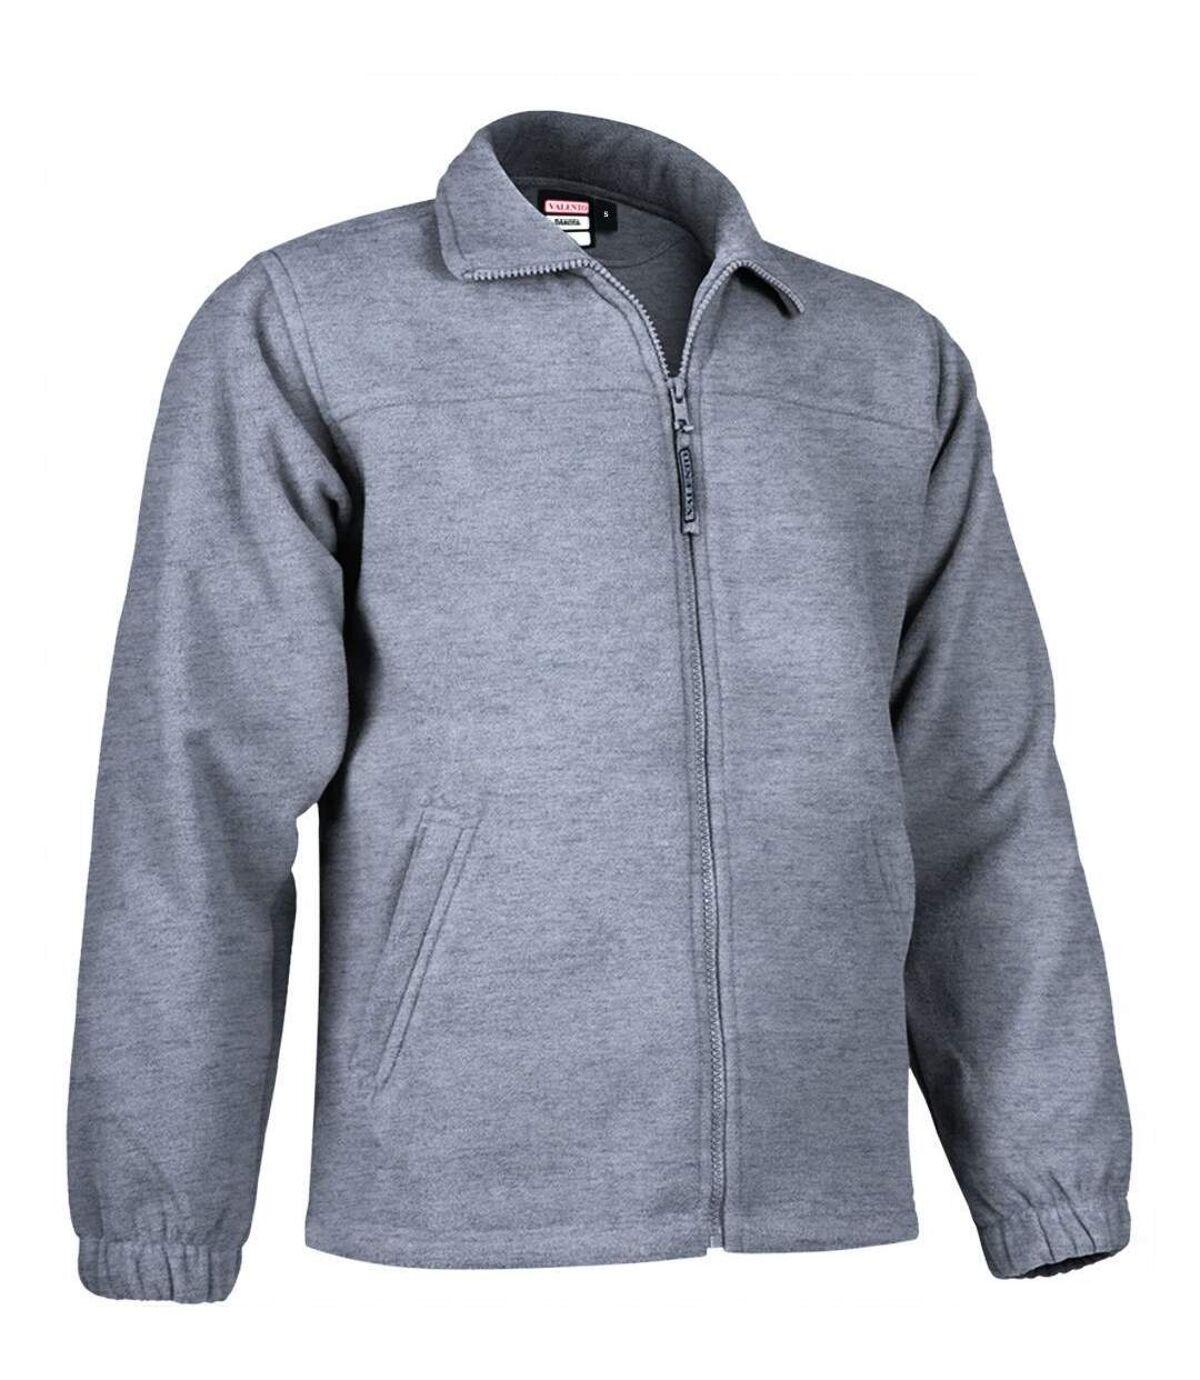 Veste polaire zippée - Homme - REF DAKOTA - gris chiné